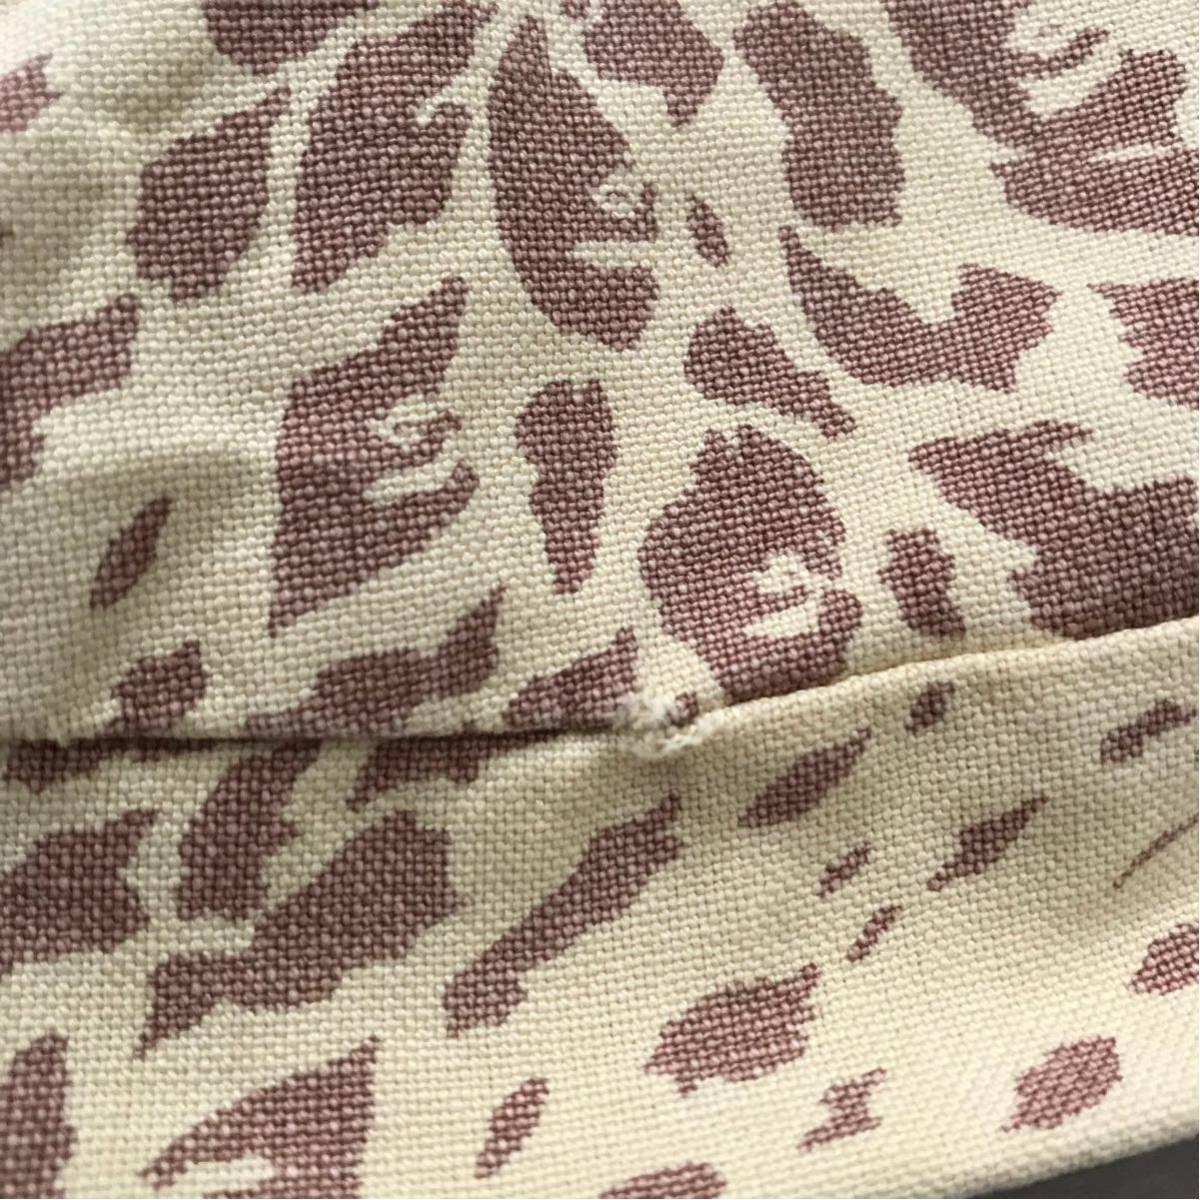 ★激レア★ 初期 レオパードカモ クッションカバー a bathing ape bape エイプ ベイプ アベイシングエイプ クッション 豹柄 Leopard camo